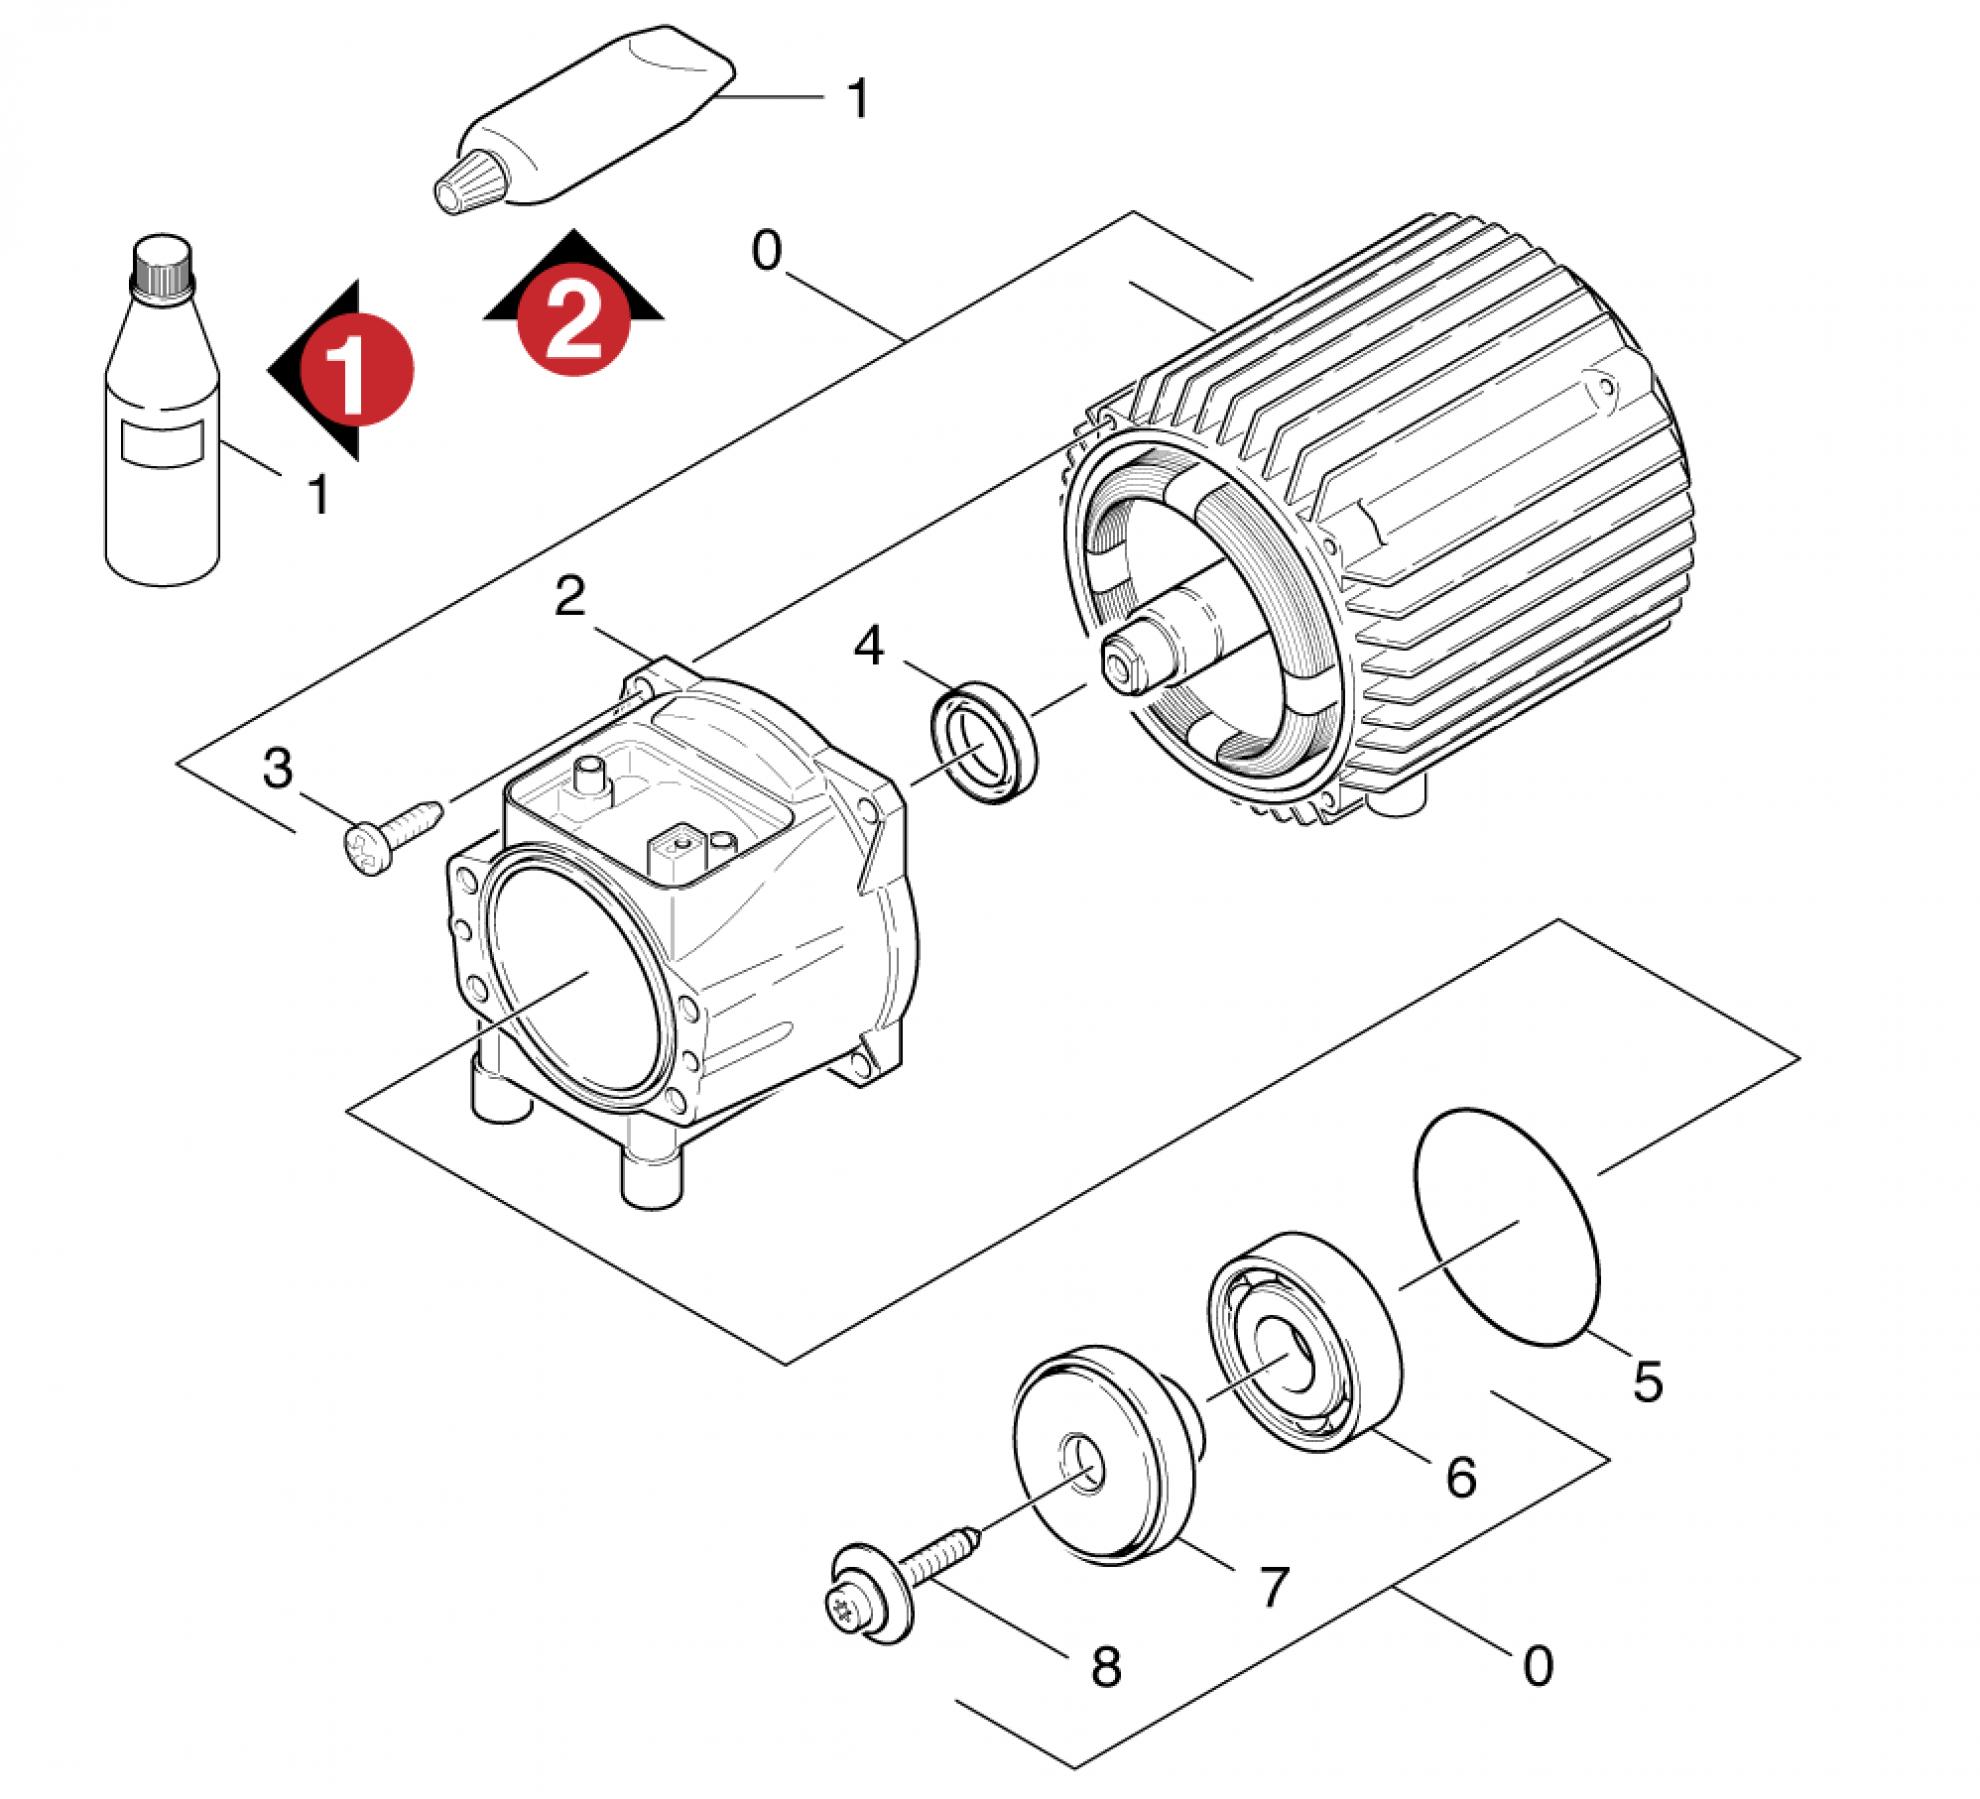 Pi ces d tach es nettoyeur haute pression karcher k 630 m - Pieces detachees karcher ...